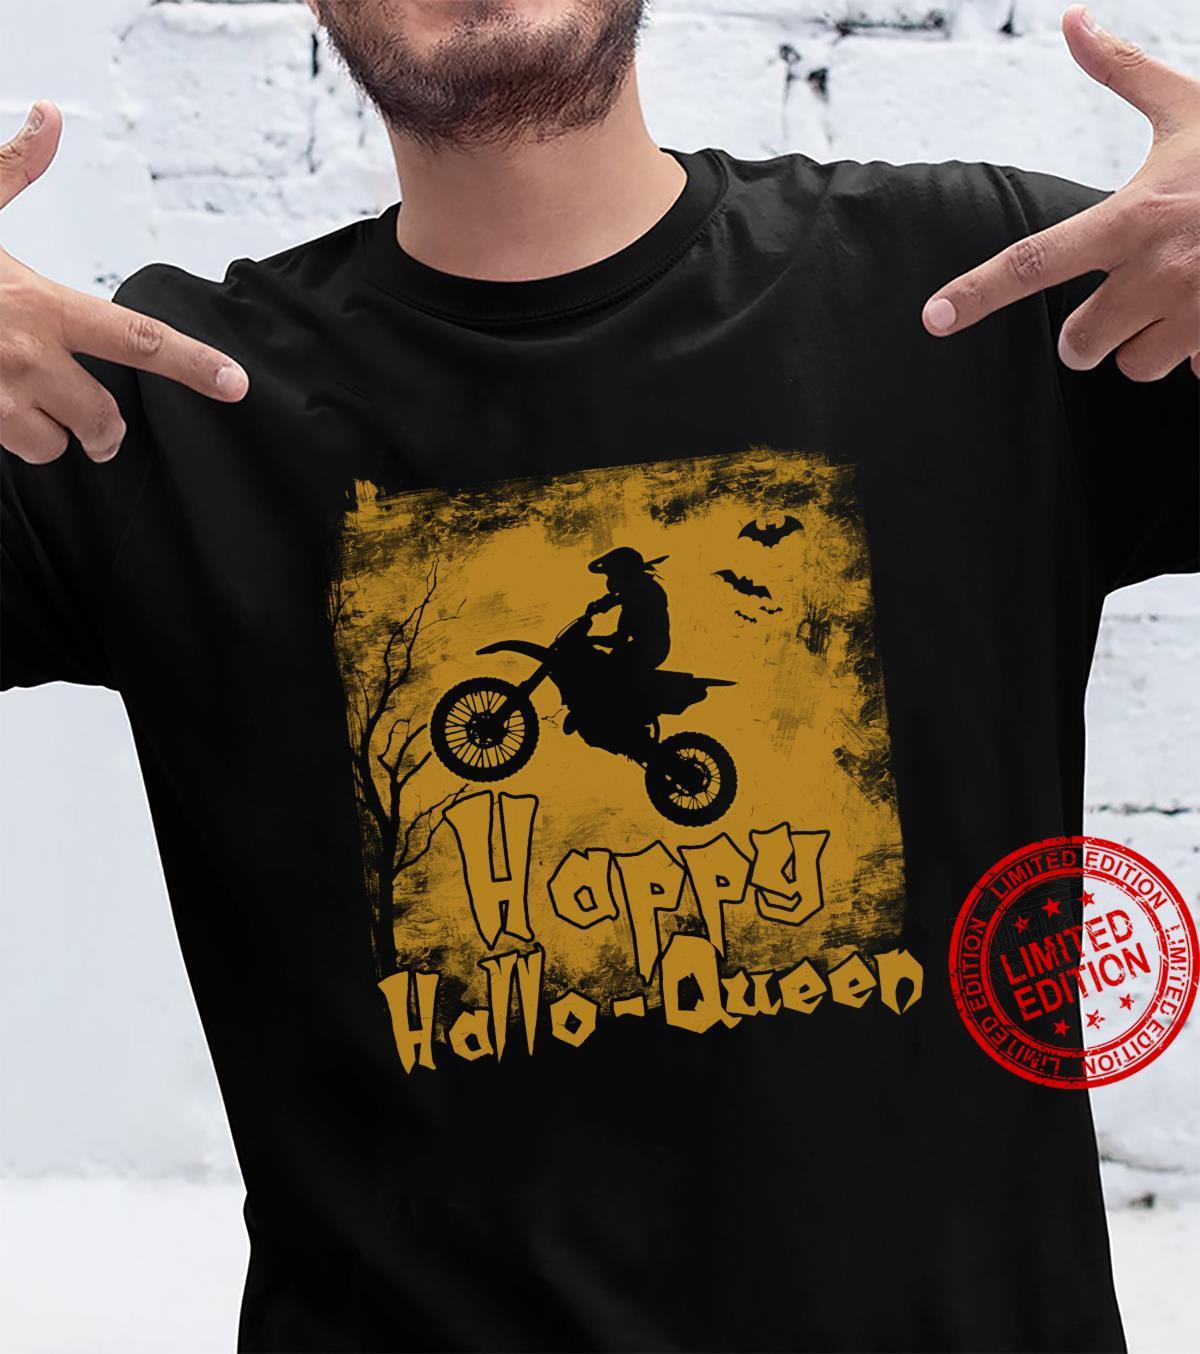 Women Motocross Happy Hallo-Queen Shirt